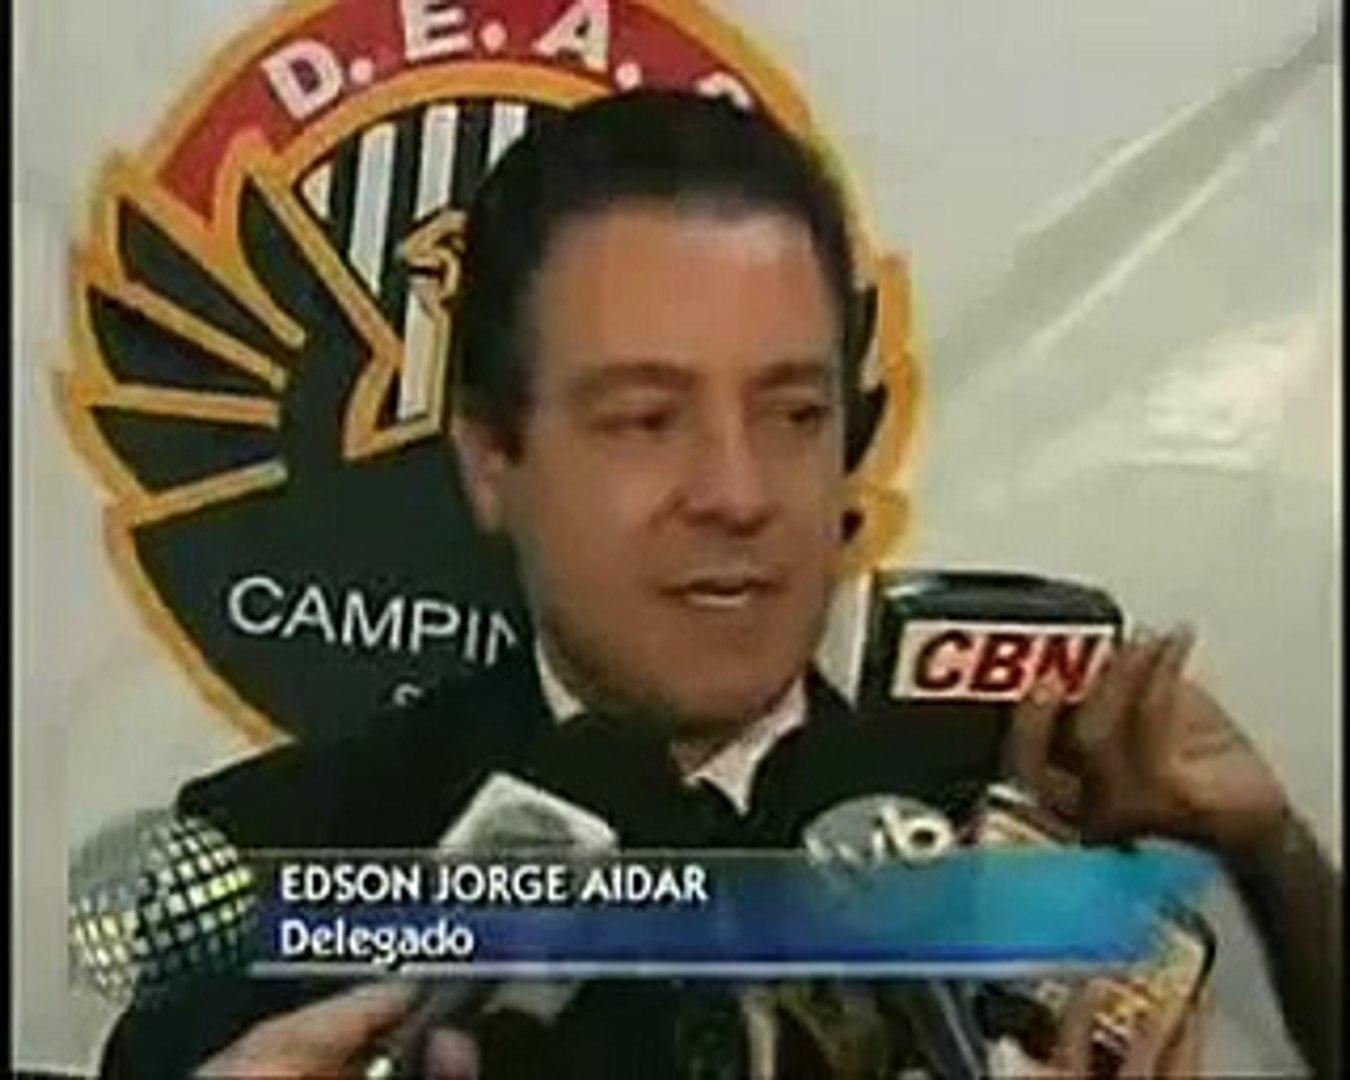 SBT - Carlos Nascimento: Um soco na cara... - Jornal do SBT - 2006